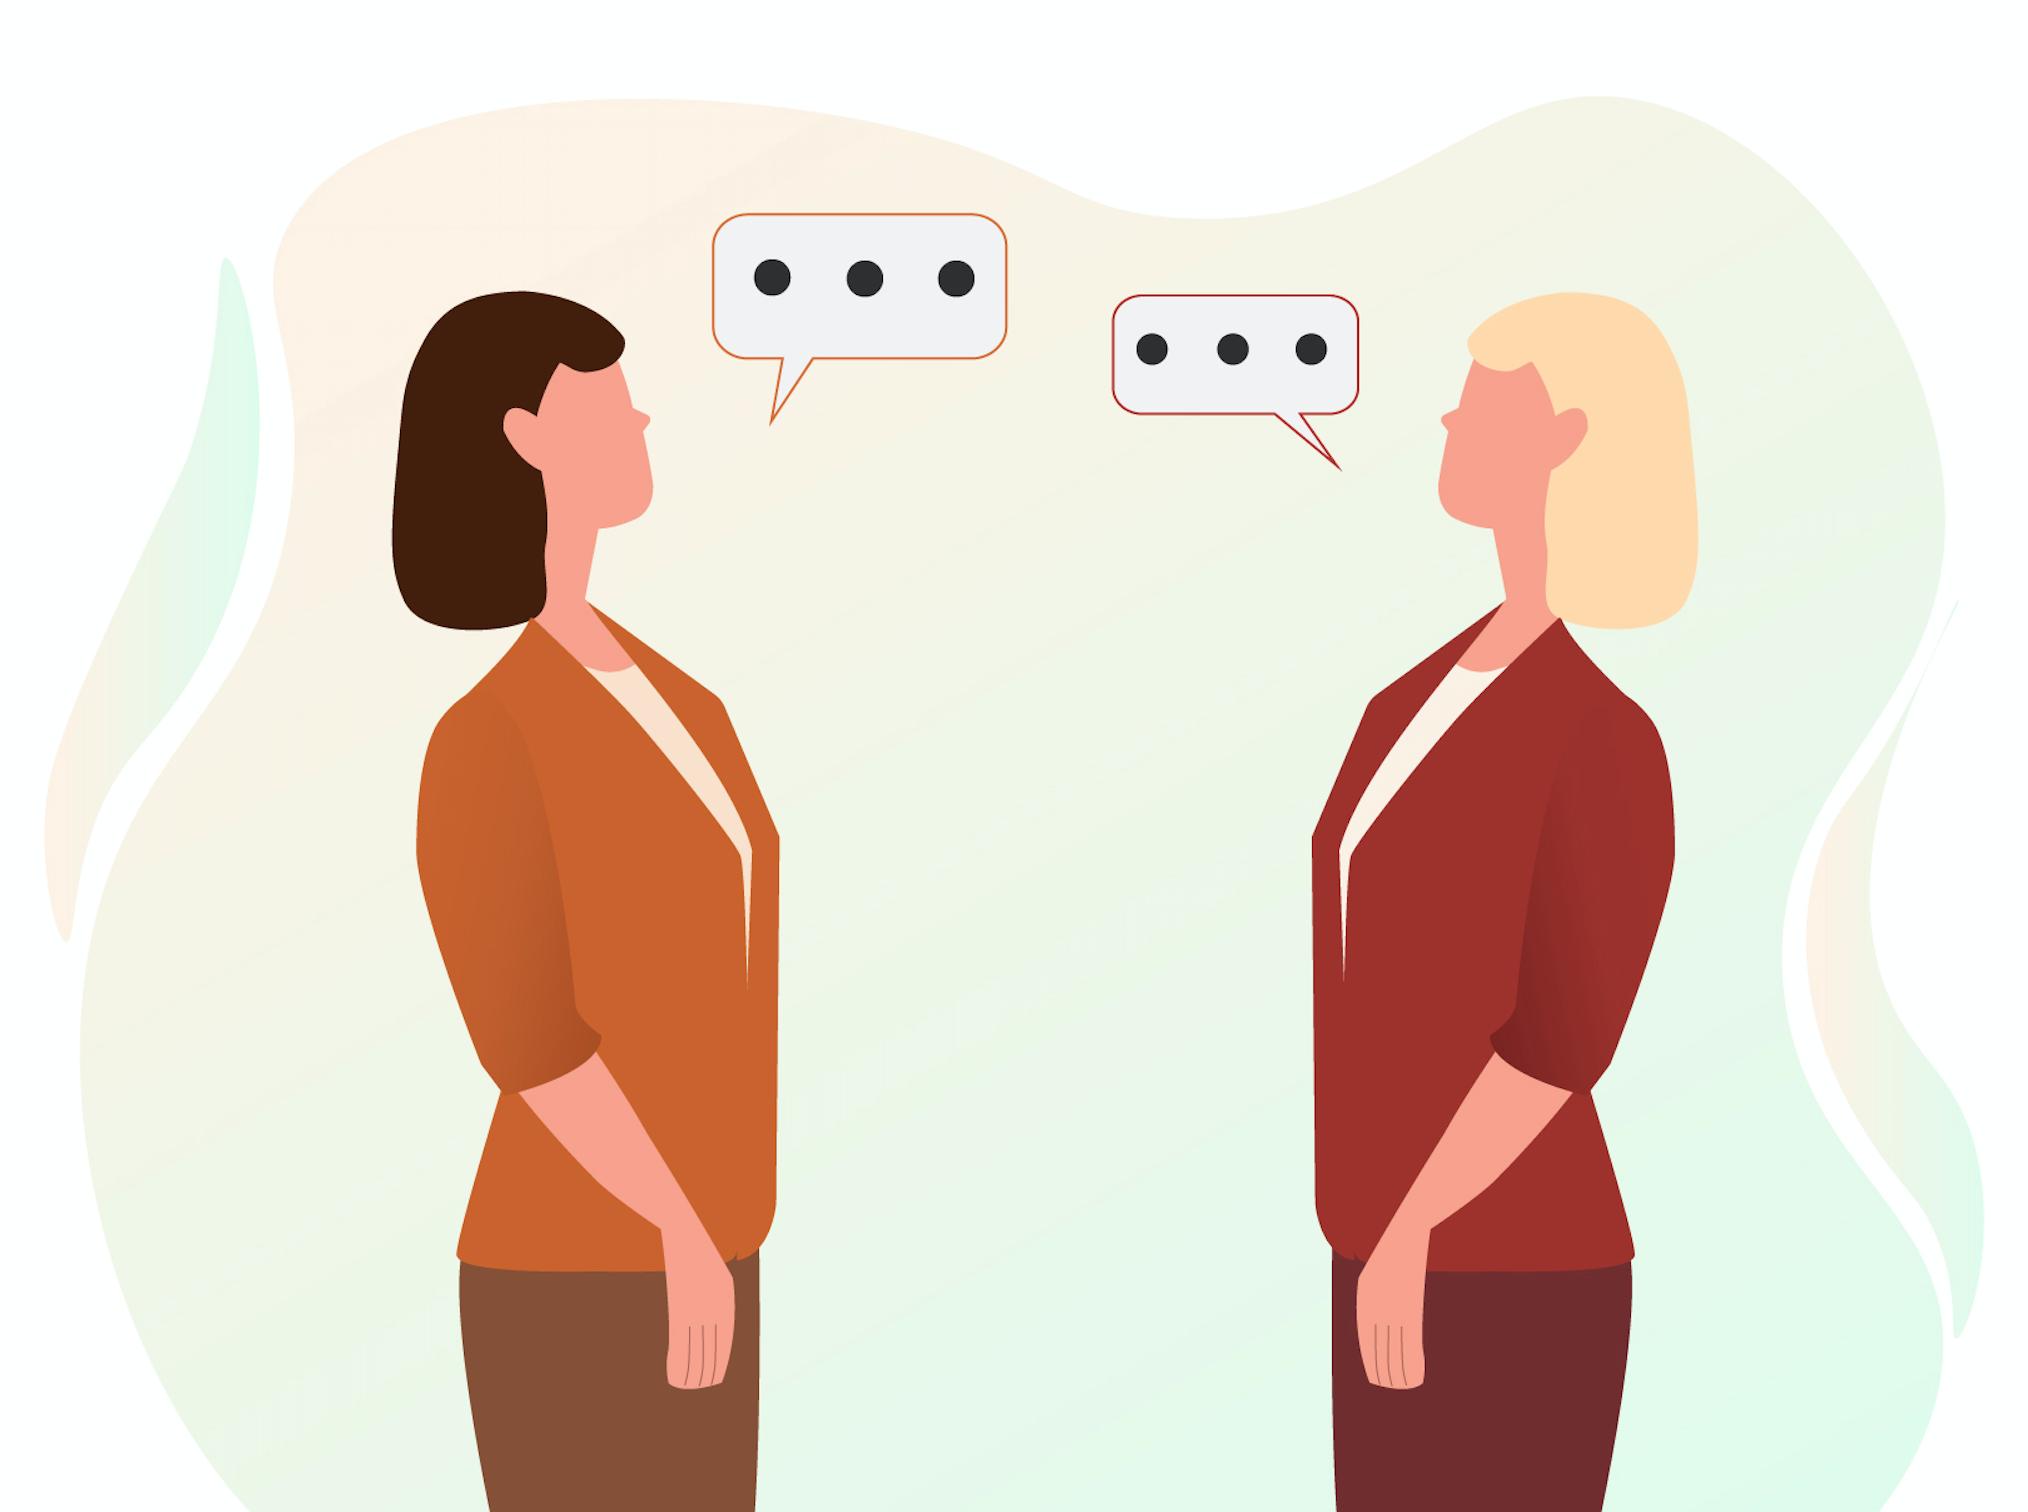 Twee dames die allebei in het rood kleed zijn die tegen elkaar praten tussen de dames in twee tekstwolkjes met drie puntjes erin